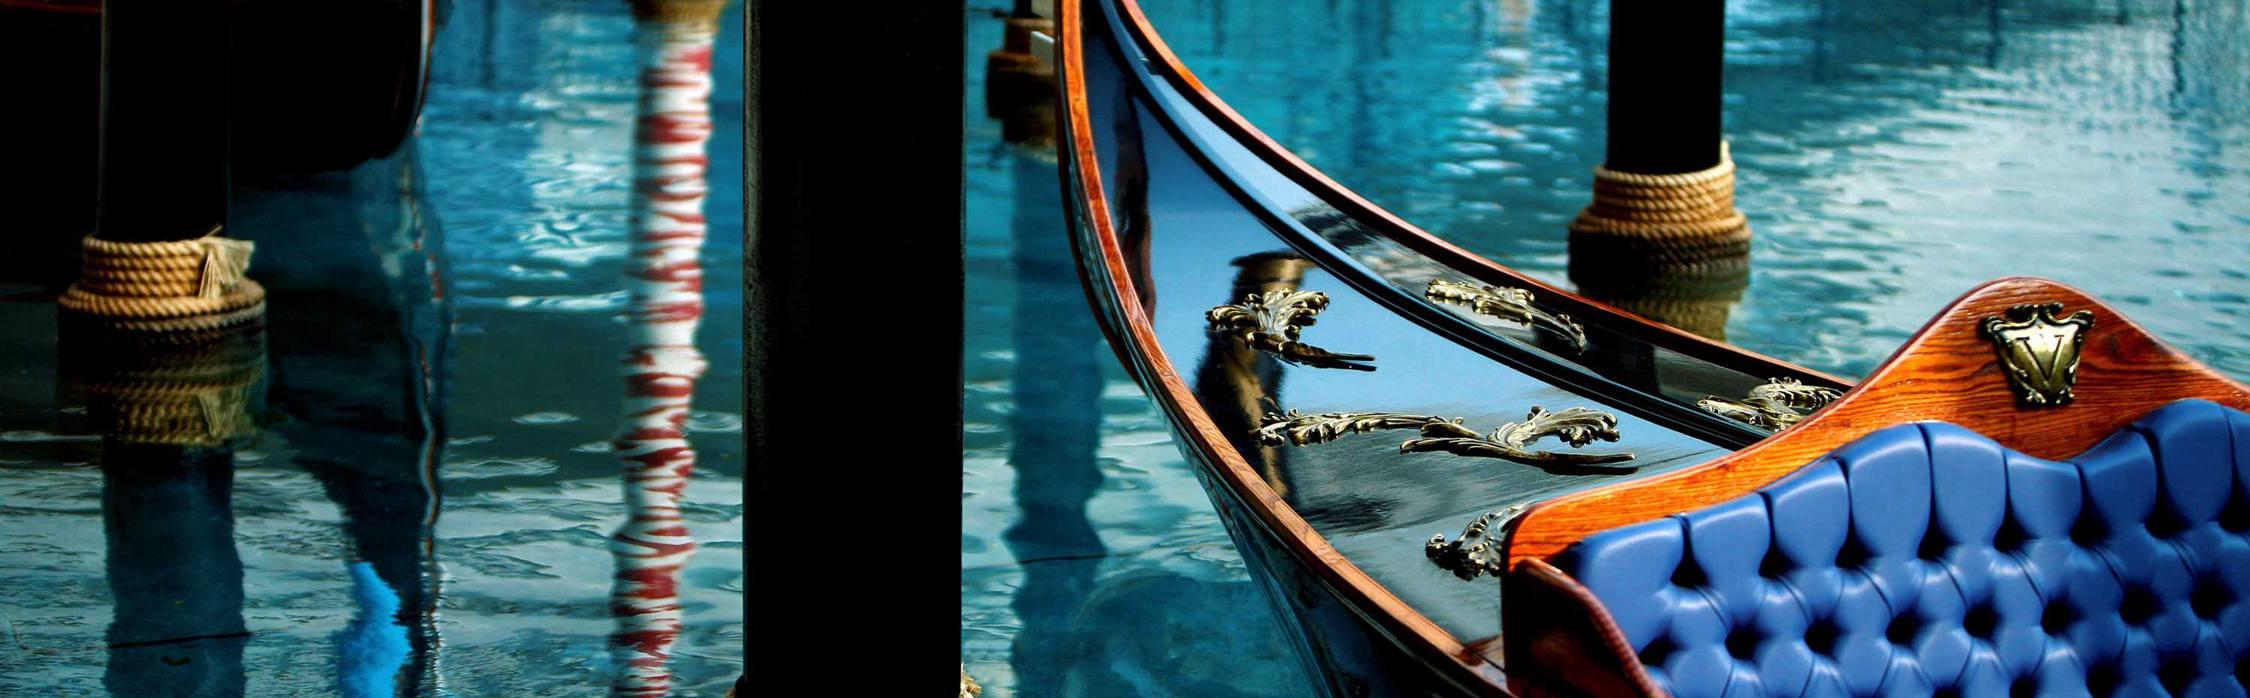 澳门威尼斯人贡多拉船票